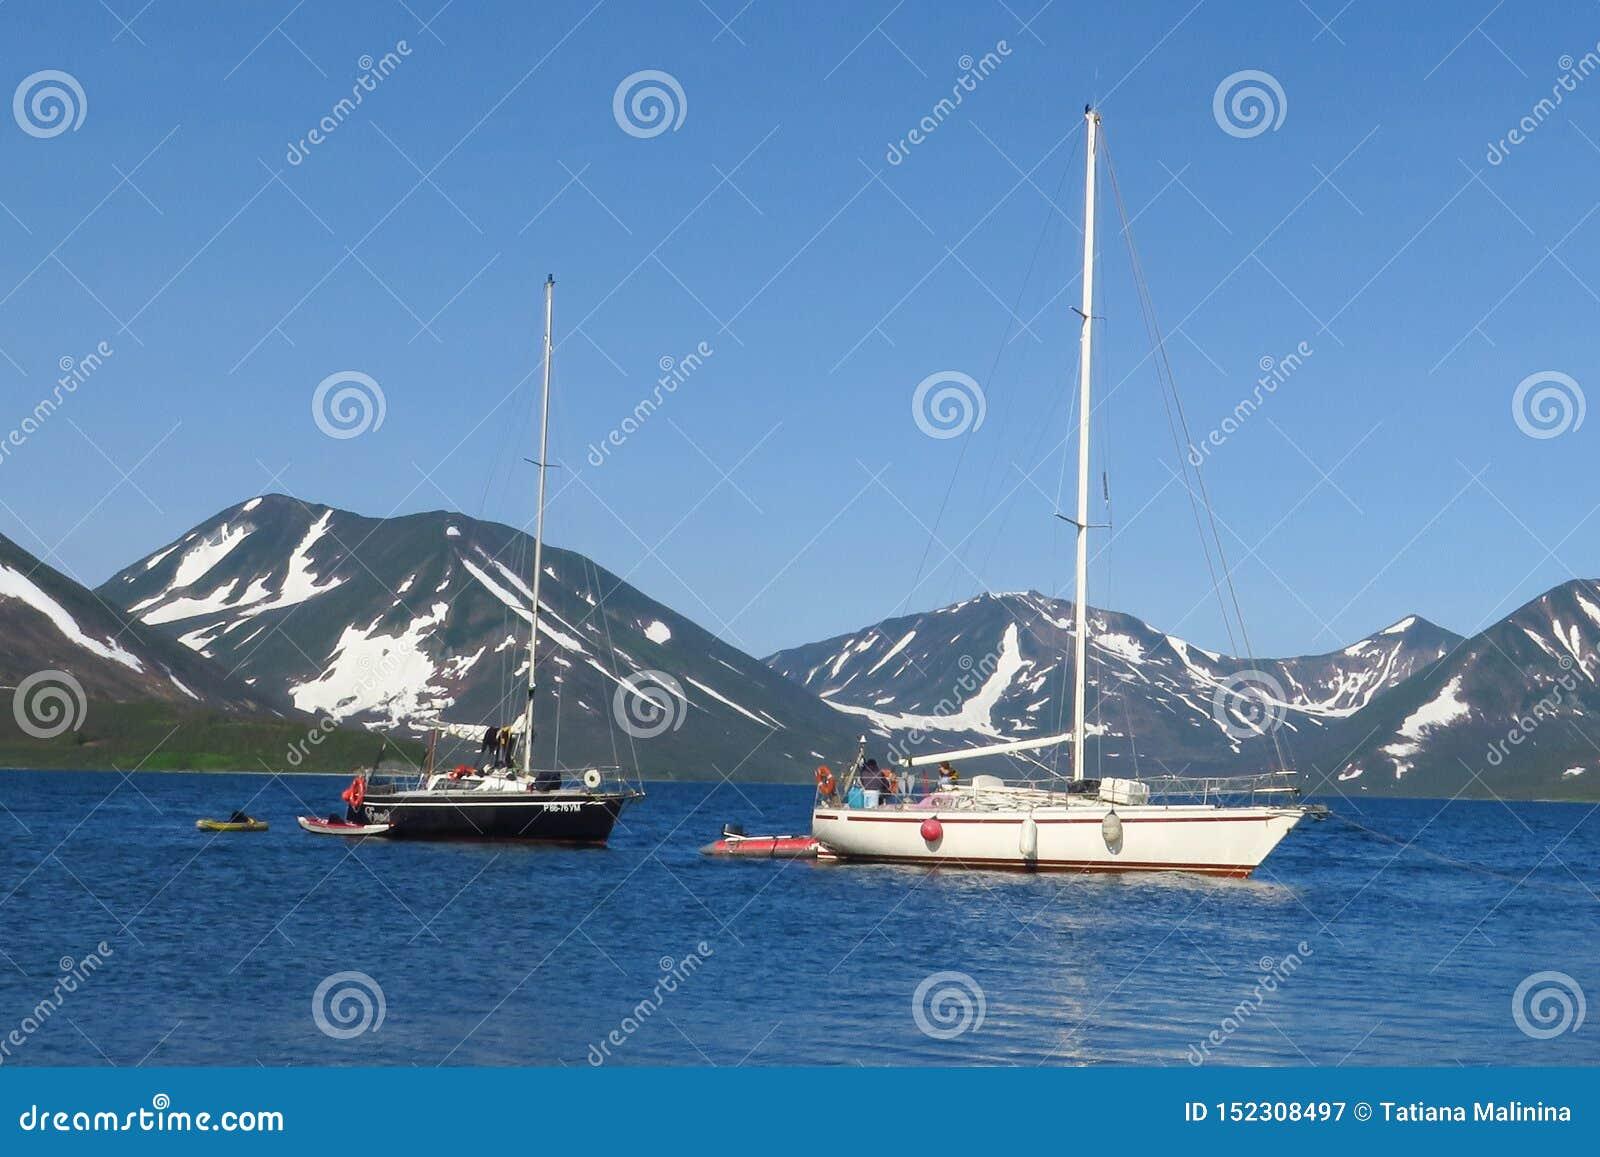 Ansicht von zwei Yachten unter den weißen und schwarzen Segeln konkurrieren im Teamsegelnereignis Nordsee, blauer Himmel und Berg